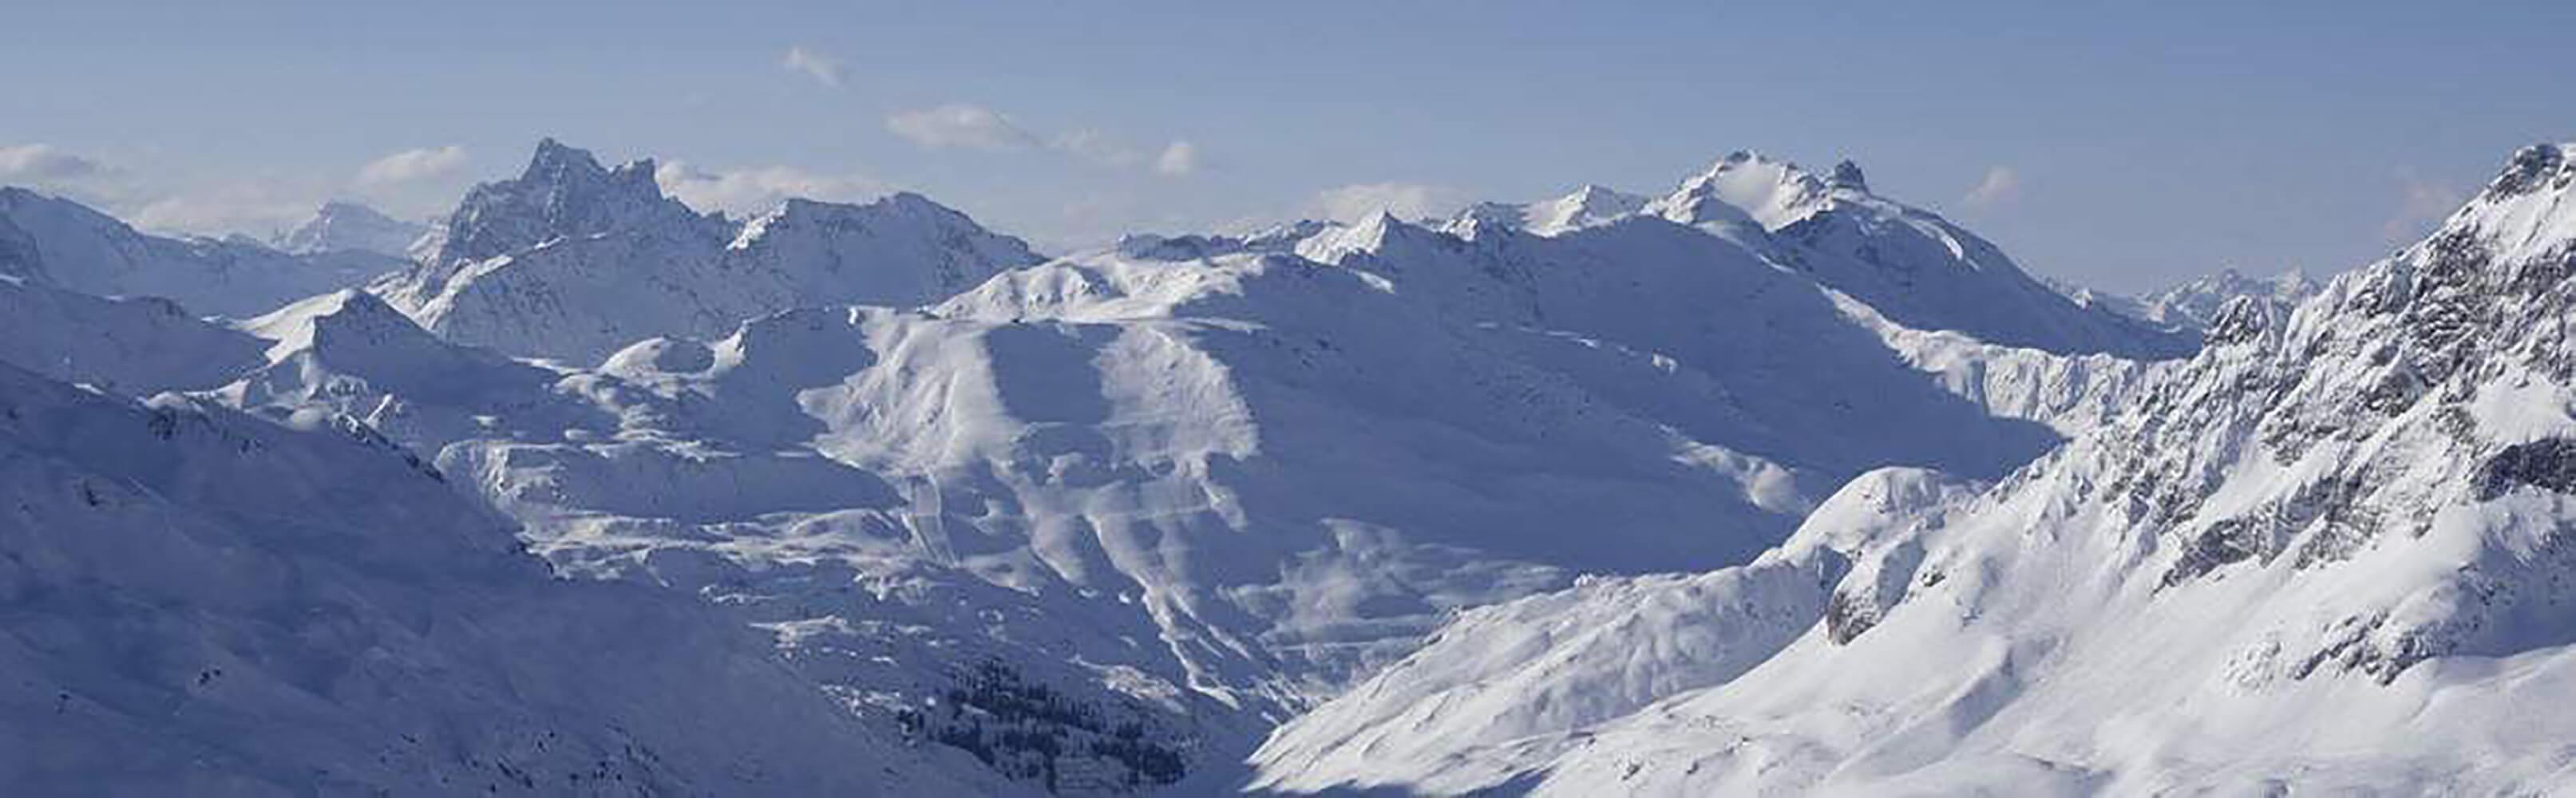 Lech Zürs am Arlberg 1